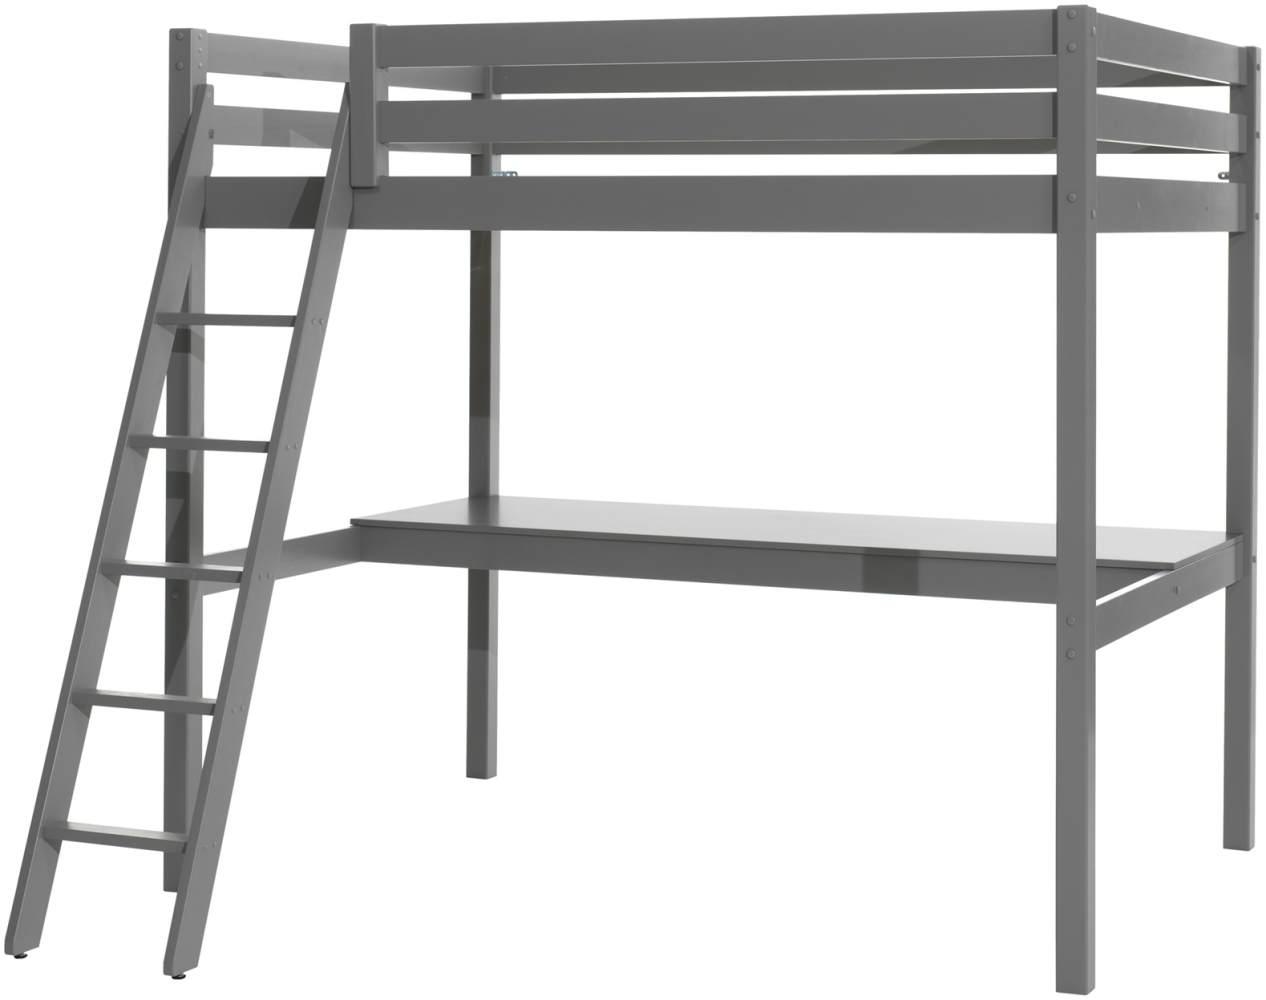 Vipack Hochbett 140 x 200 cm und großer Schreibtischplatte, Ausf. grau lackiert Bild 1